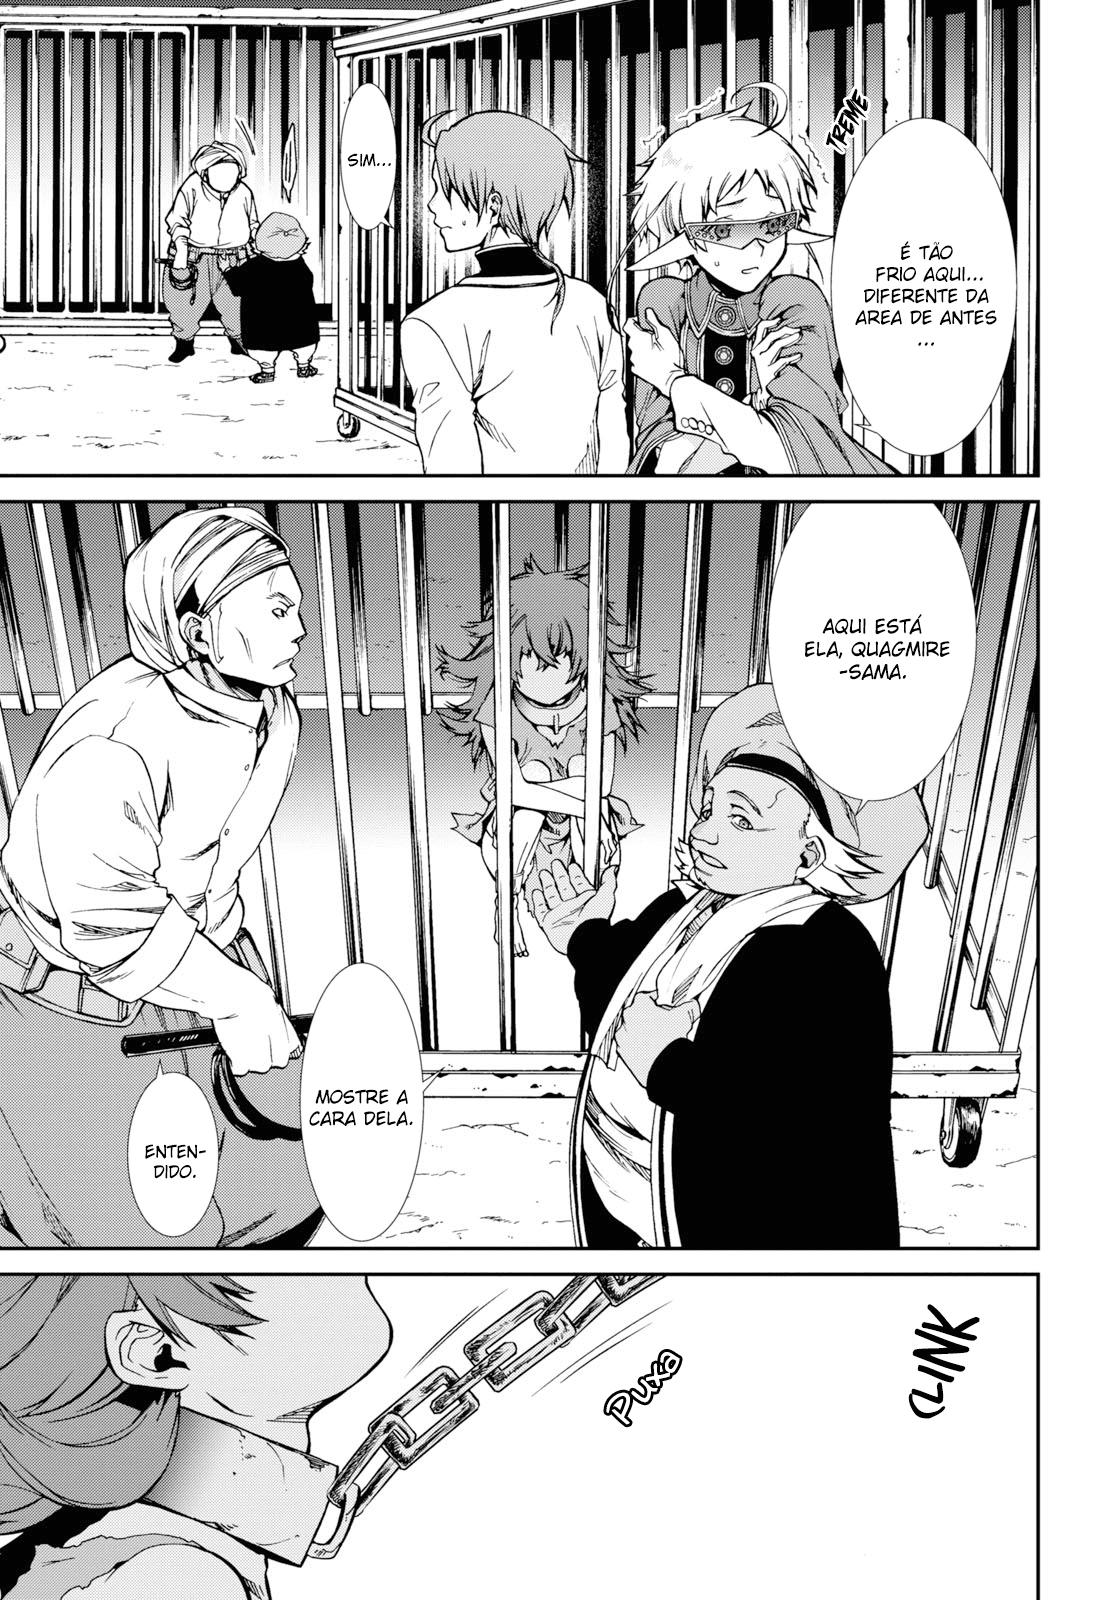 Mushoku Tensei: Isekai Ittara Honki Dasu / Mushoku Tensei: Jobless Reincarnation Mangá Online Capítulo 58